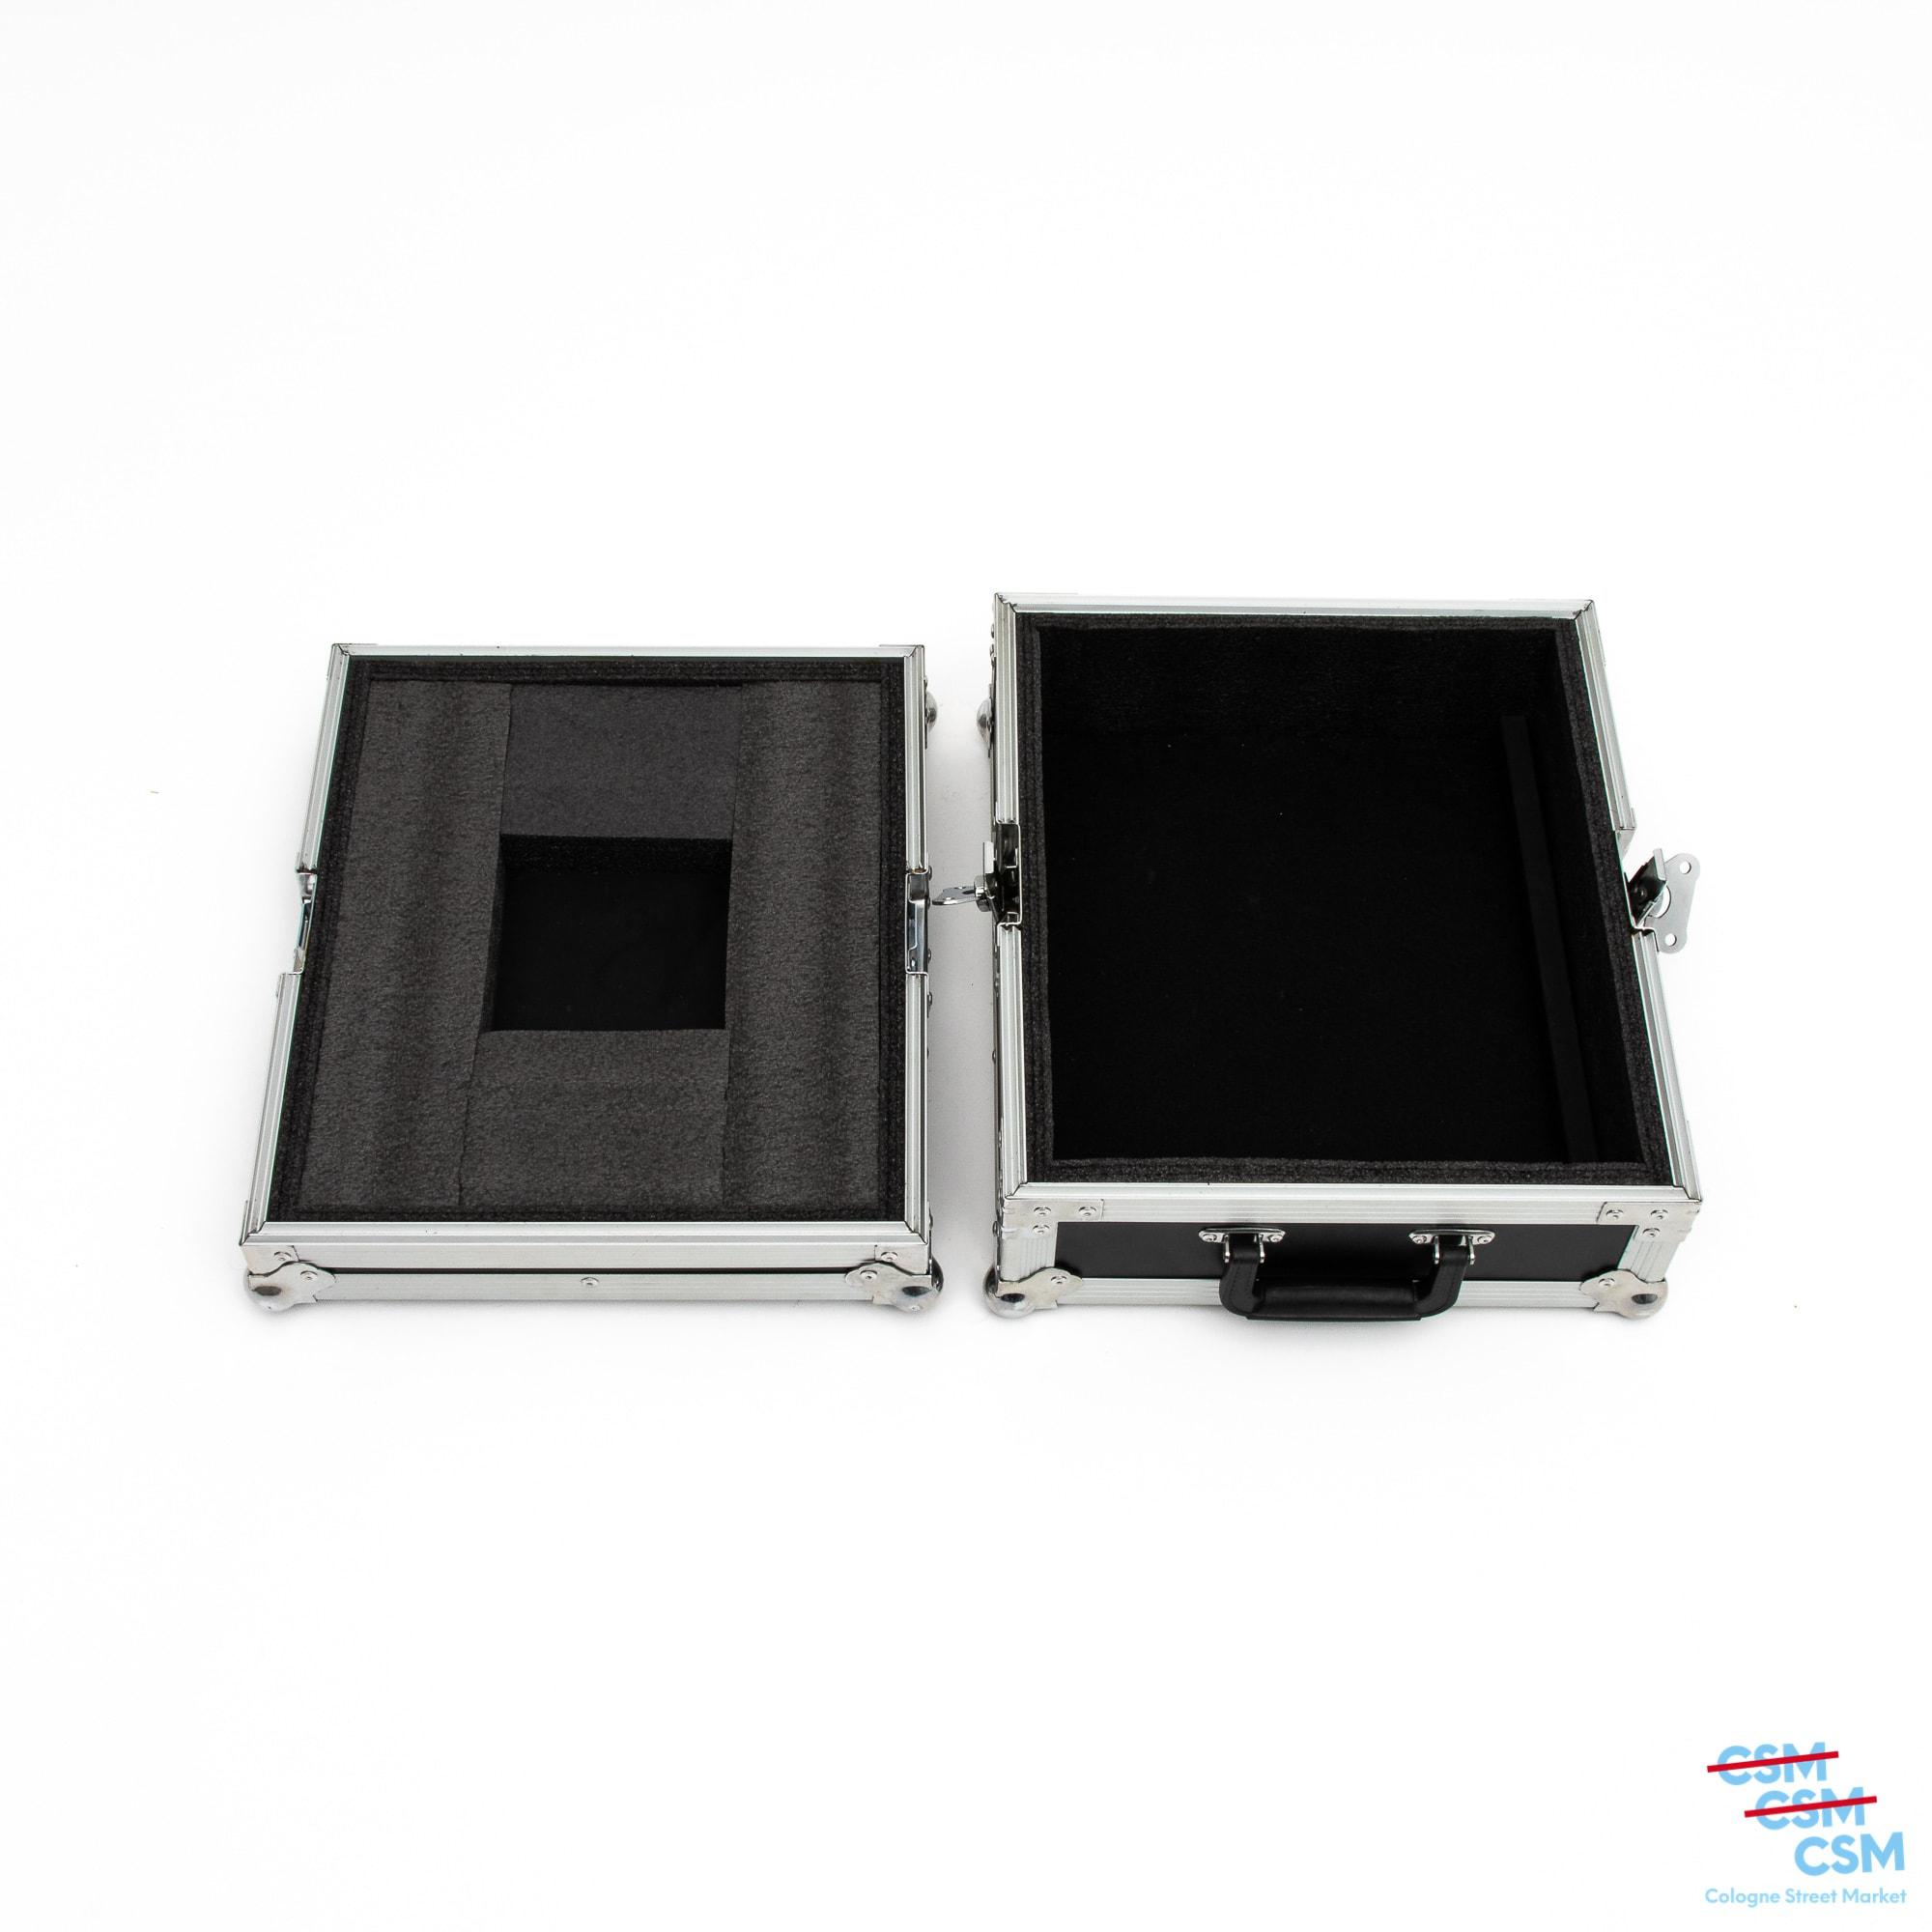 Flightcase-für-DJ-Mixer-gebraucht-kaufen